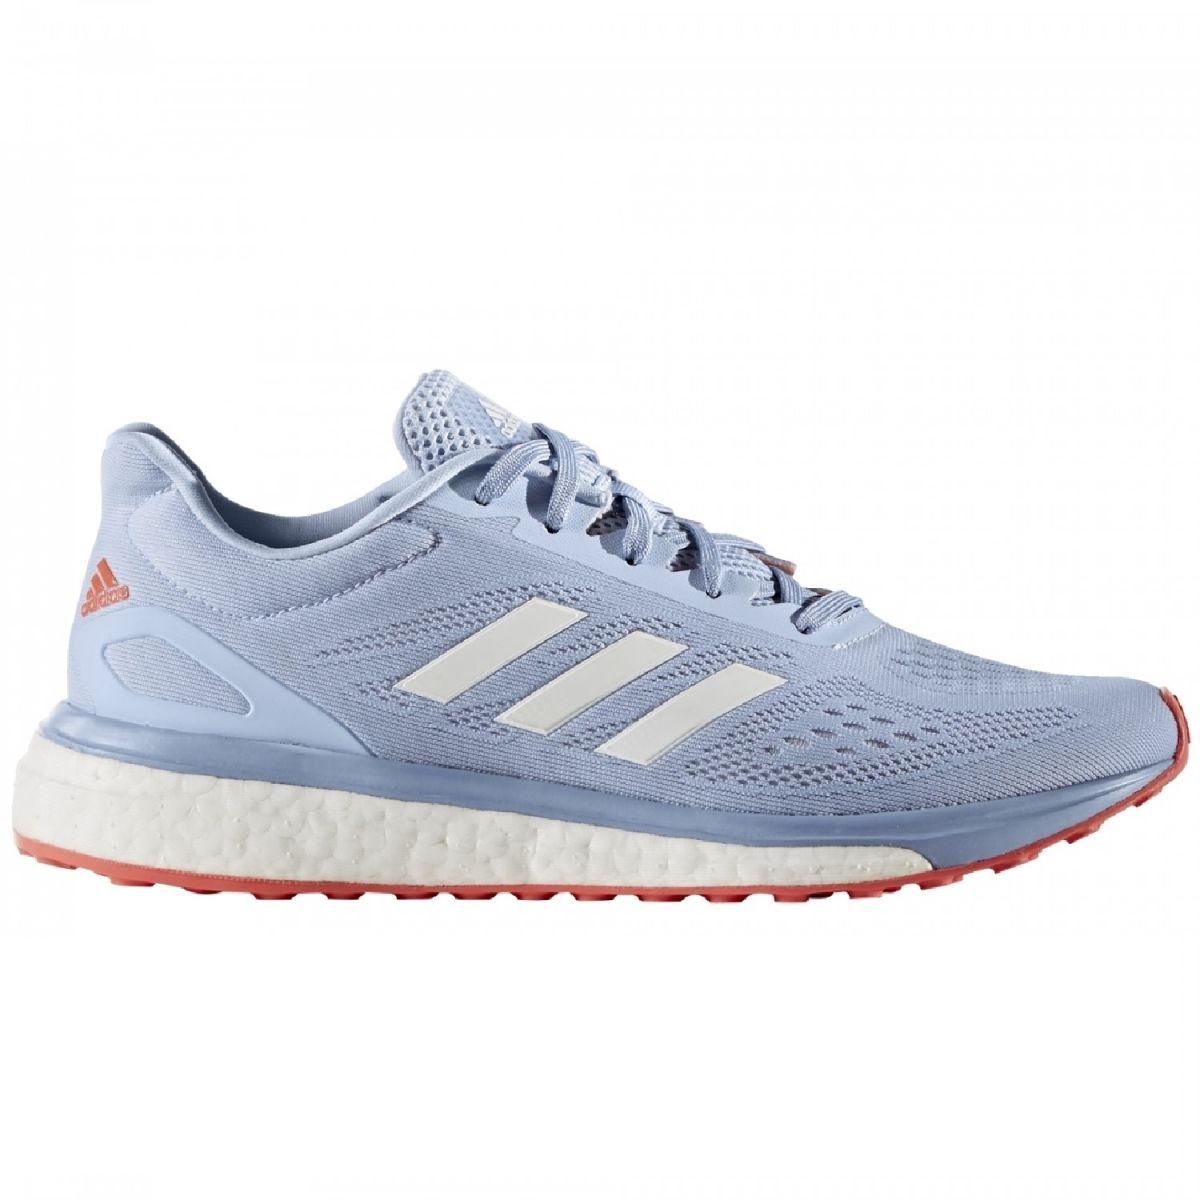 separation shoes 2198b a75d8 adidas Response lt Damen Laufschuhe Running hellblau. 1 ...